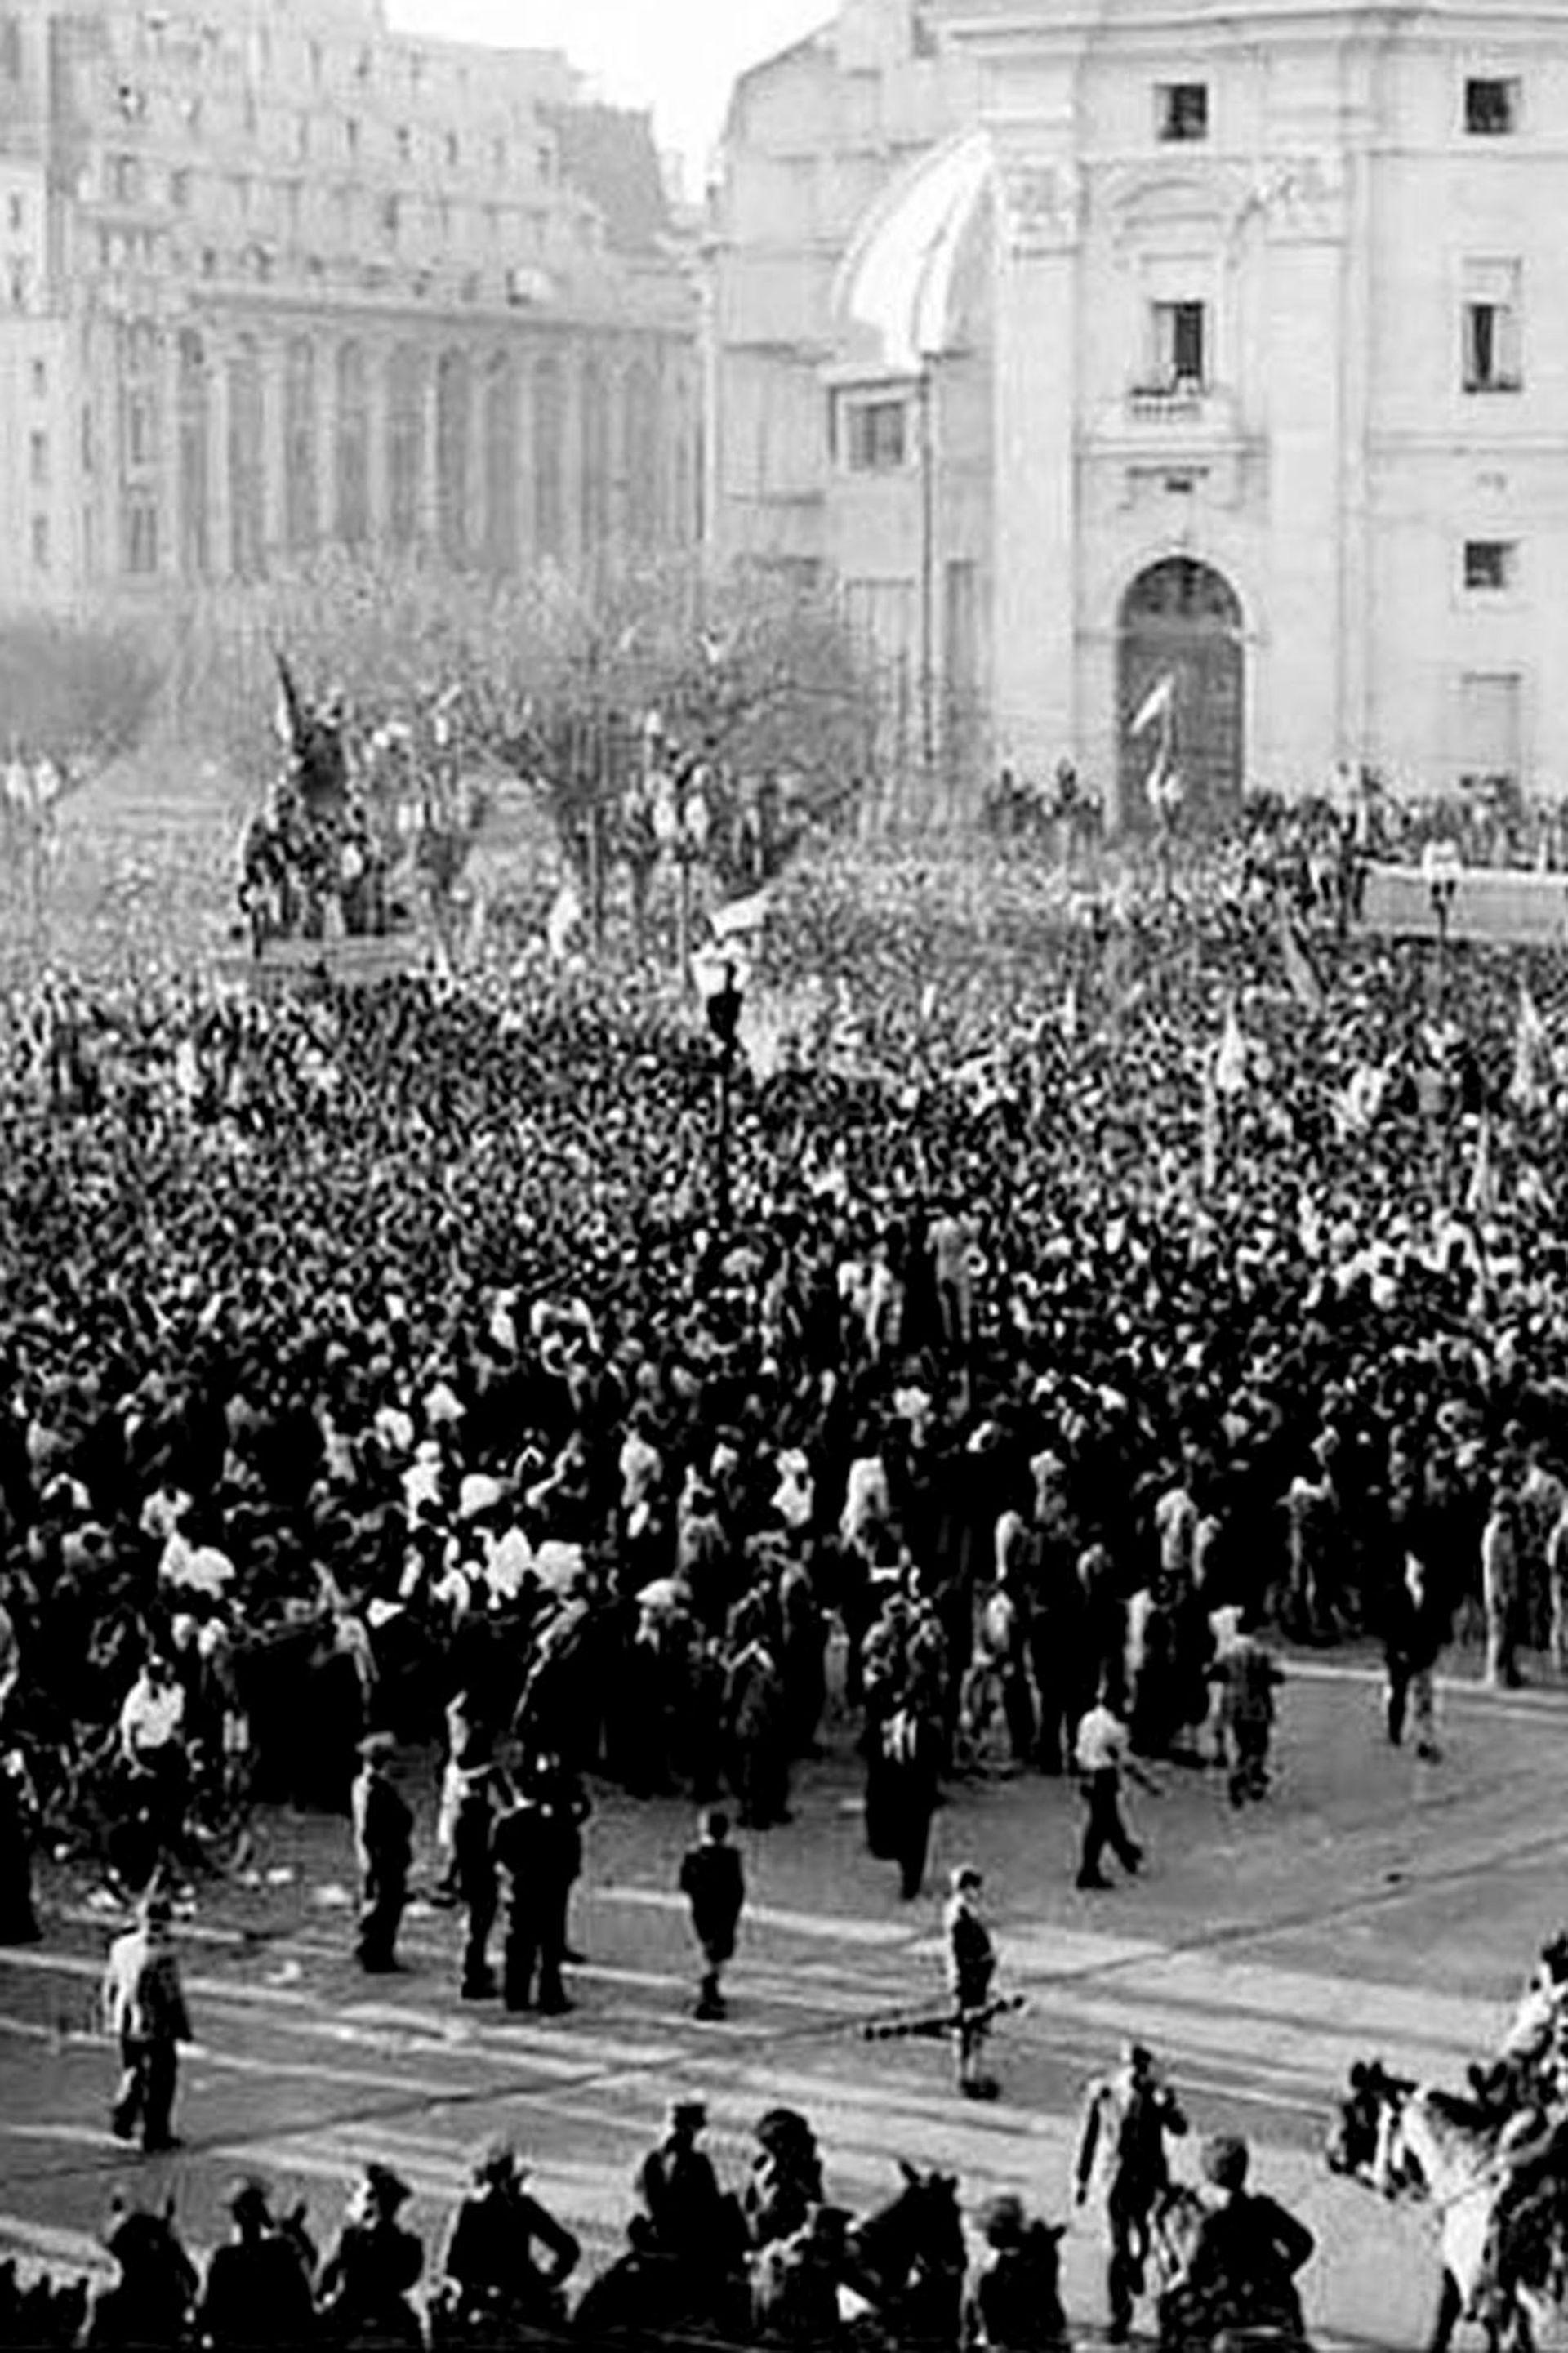 La manifestación multitudinaria del 17 de octubre de 1945 se convirtió en el mito fundacional del peronismo